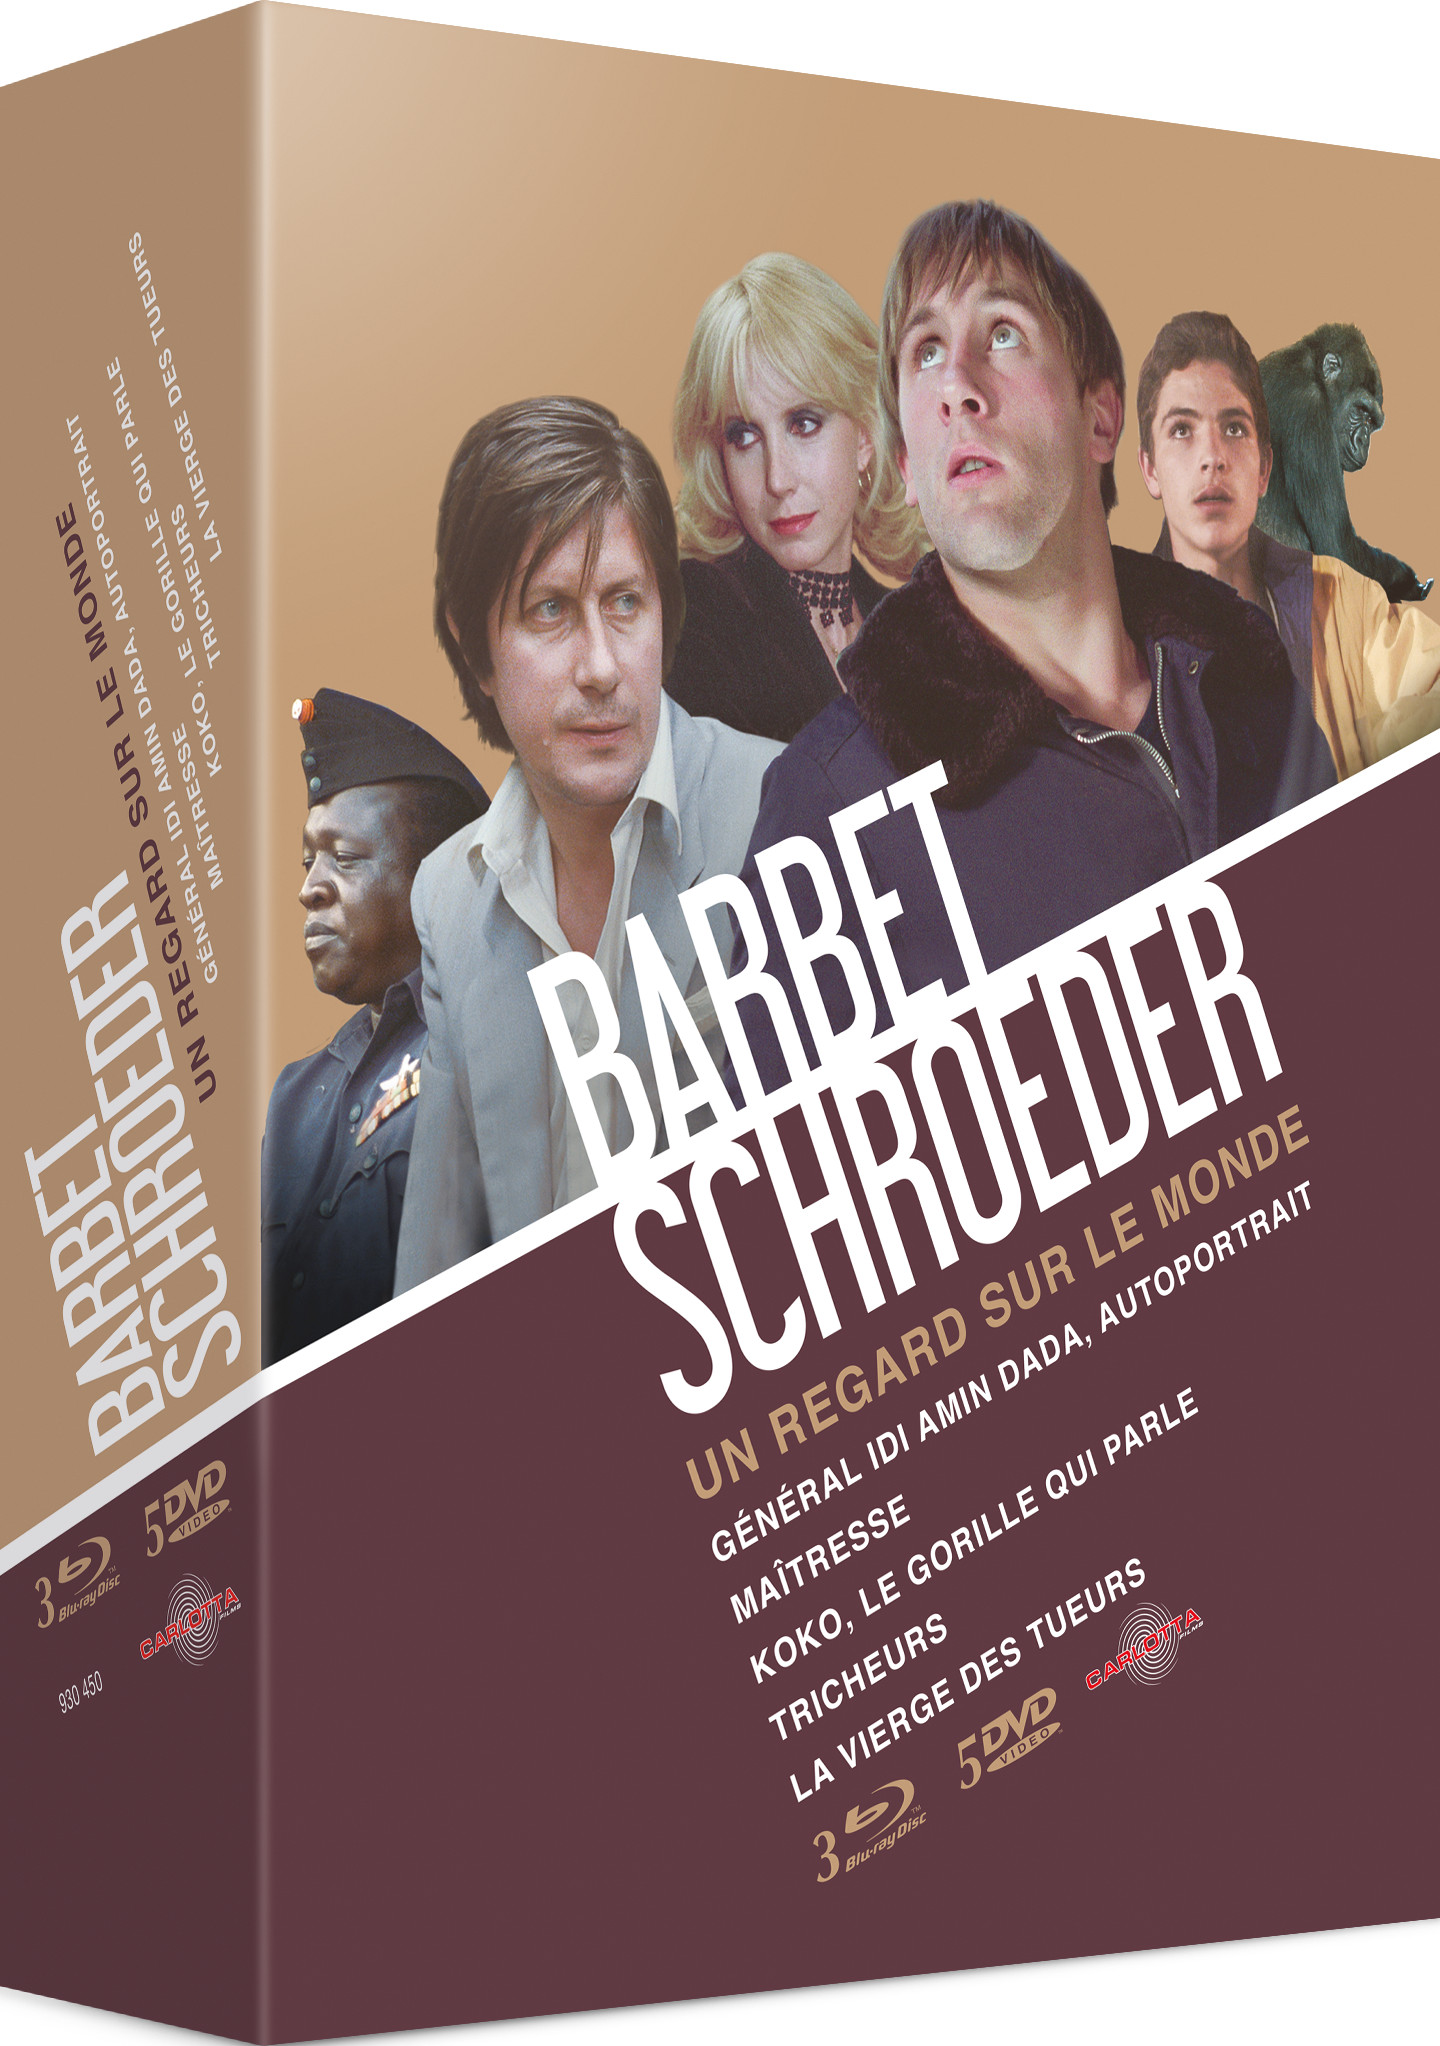 Coffret Barbet Schroeder - Carlotta